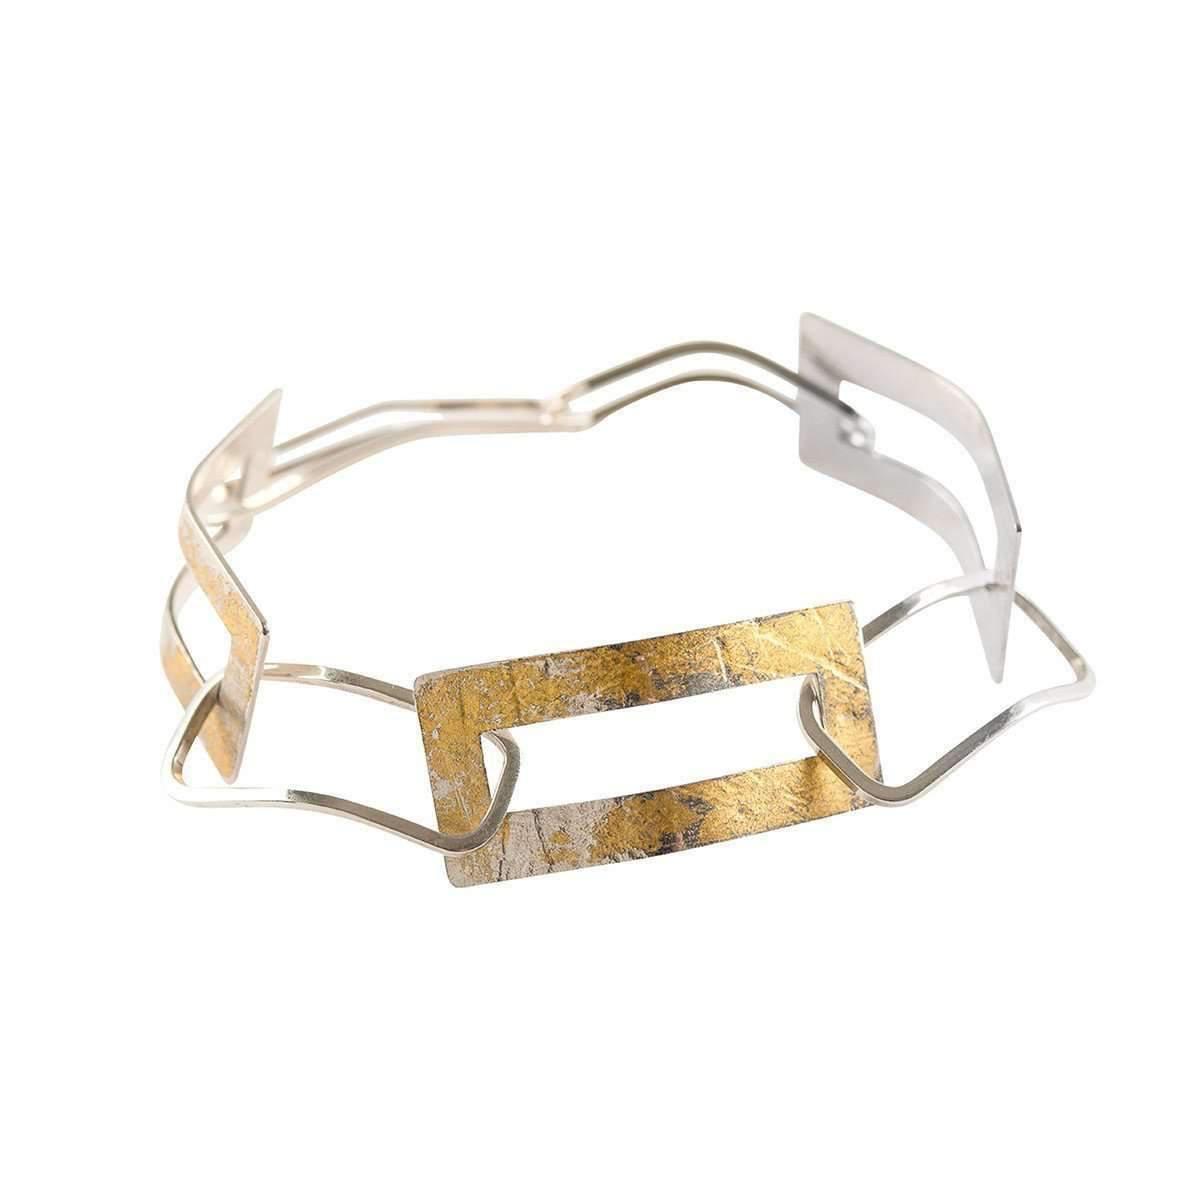 Lyst - Genna Design Frame Bracelet in Metallic